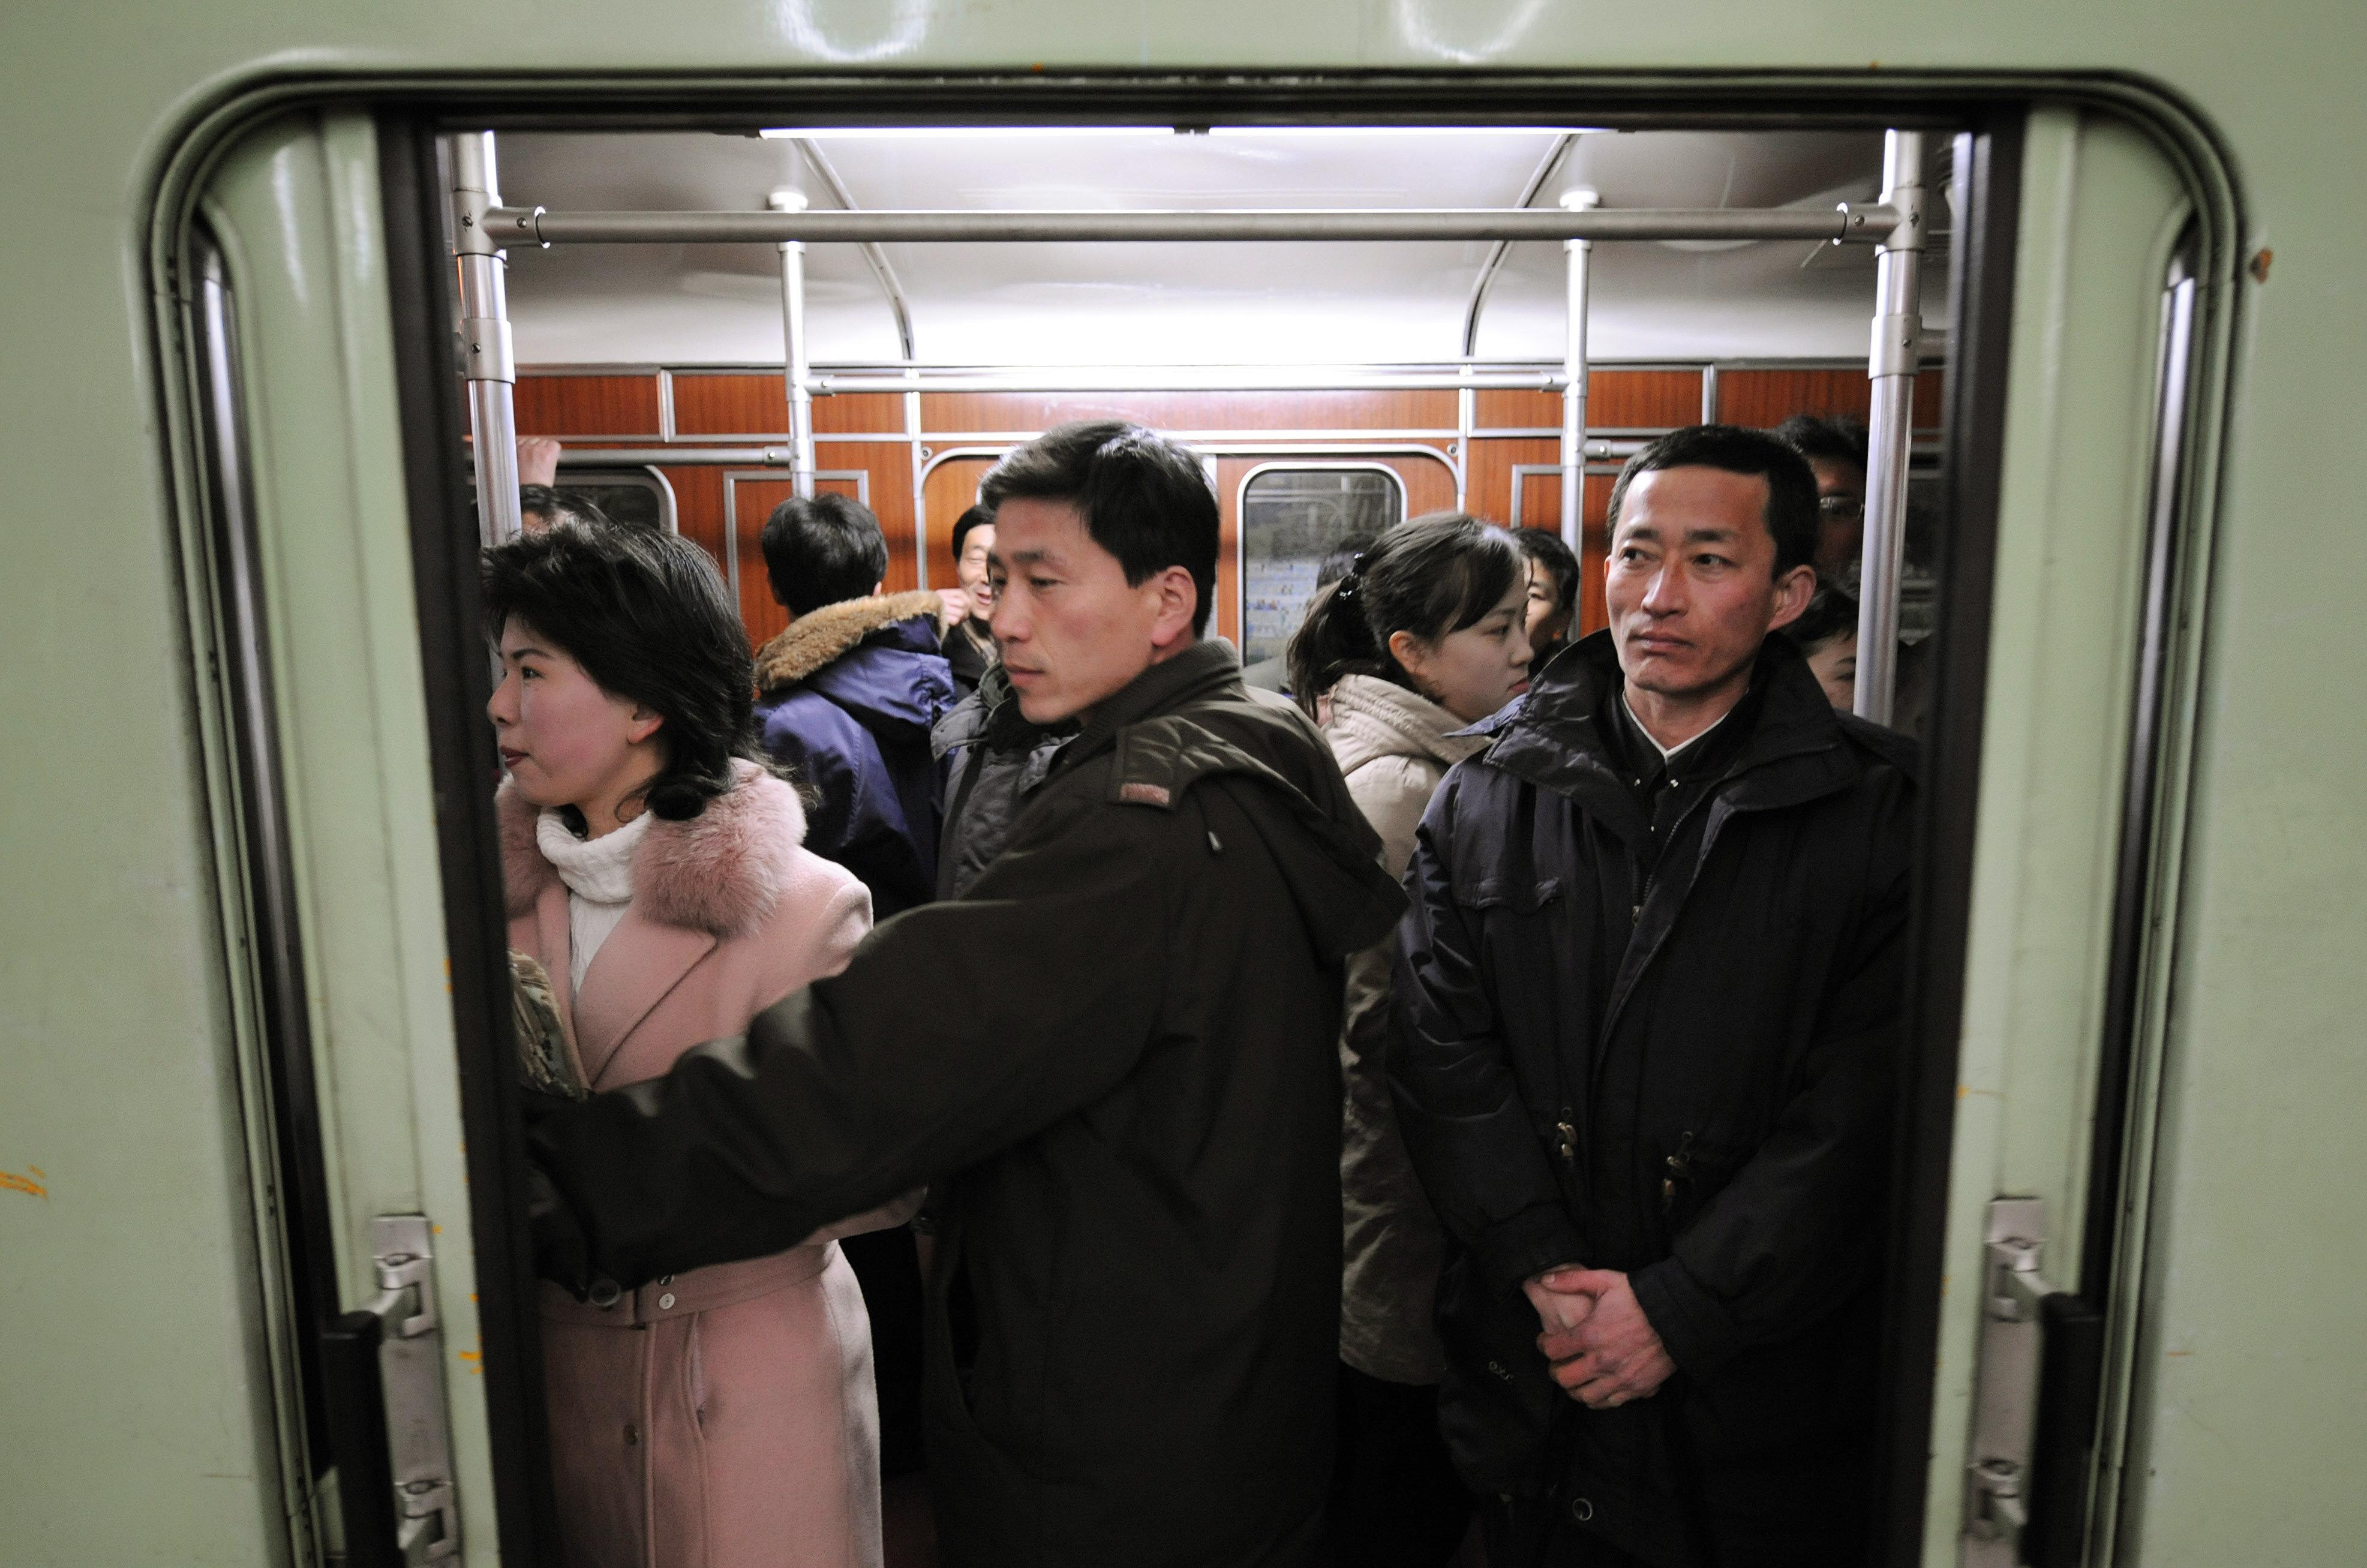 Os passageiros norte-coreanos esperam para partir numa estação de metrô na capital norte-coreana, Pyongyang (Arquivo)